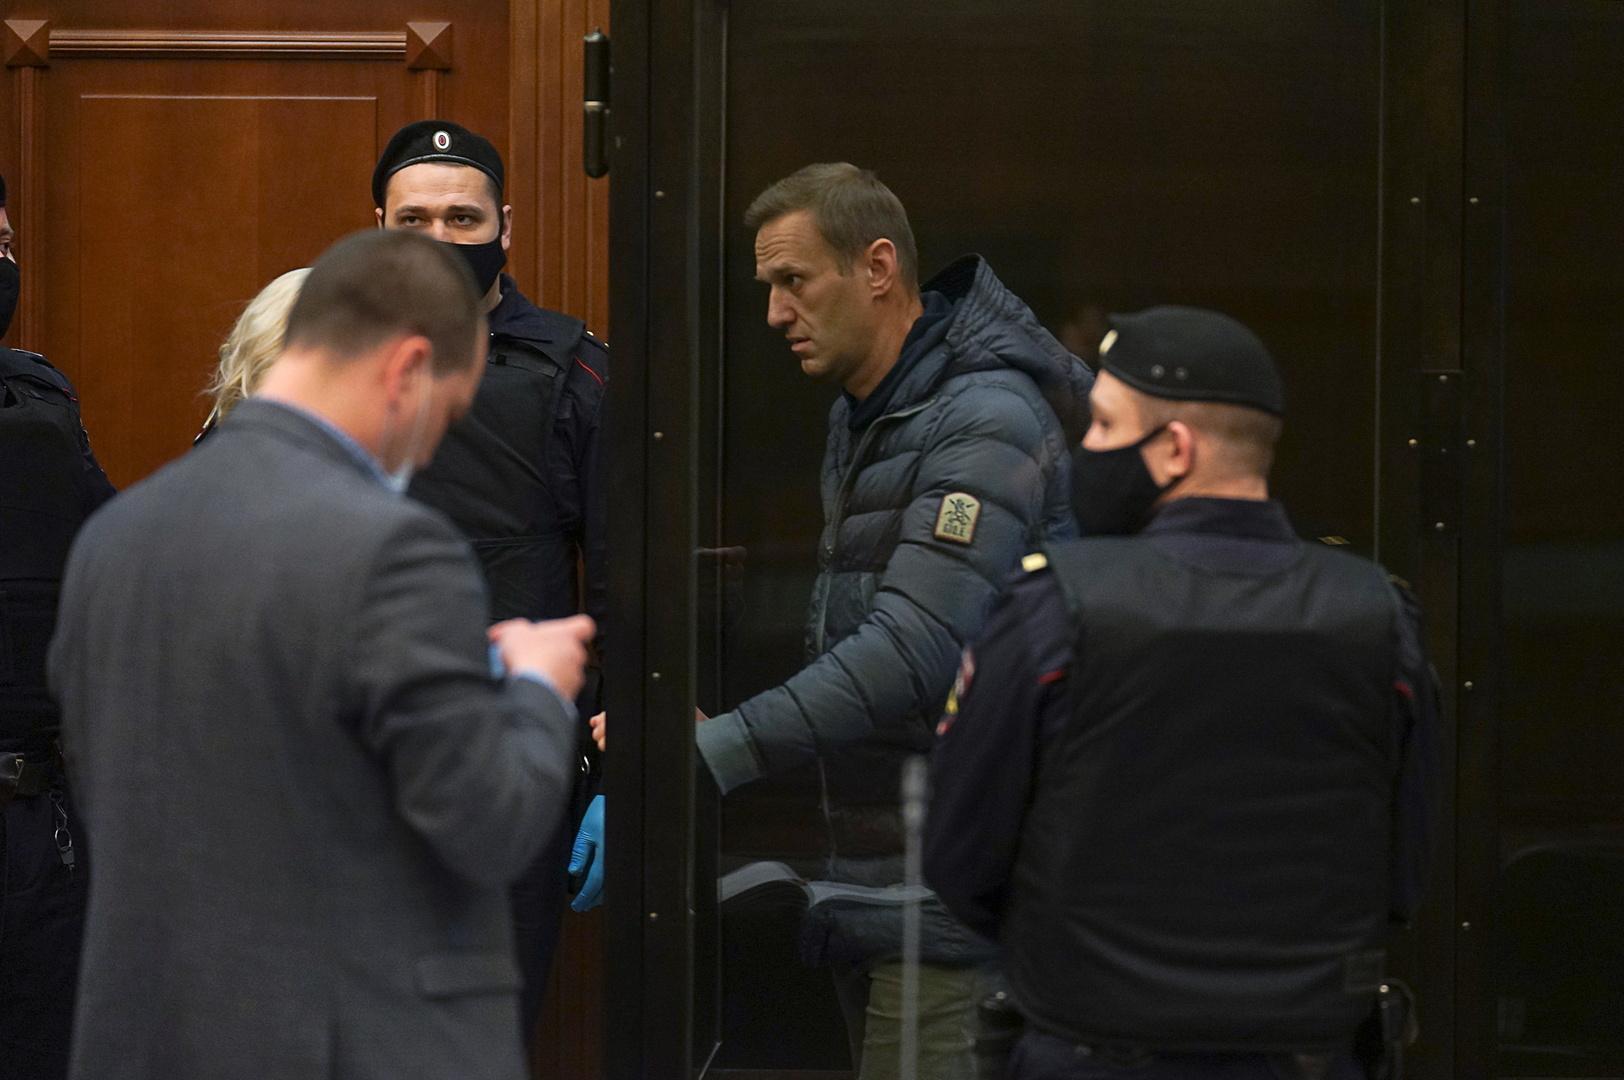 موسكو تطالب بعدم التدخل في شؤونها بعد دعوات غربية للإفراج عن نافالني